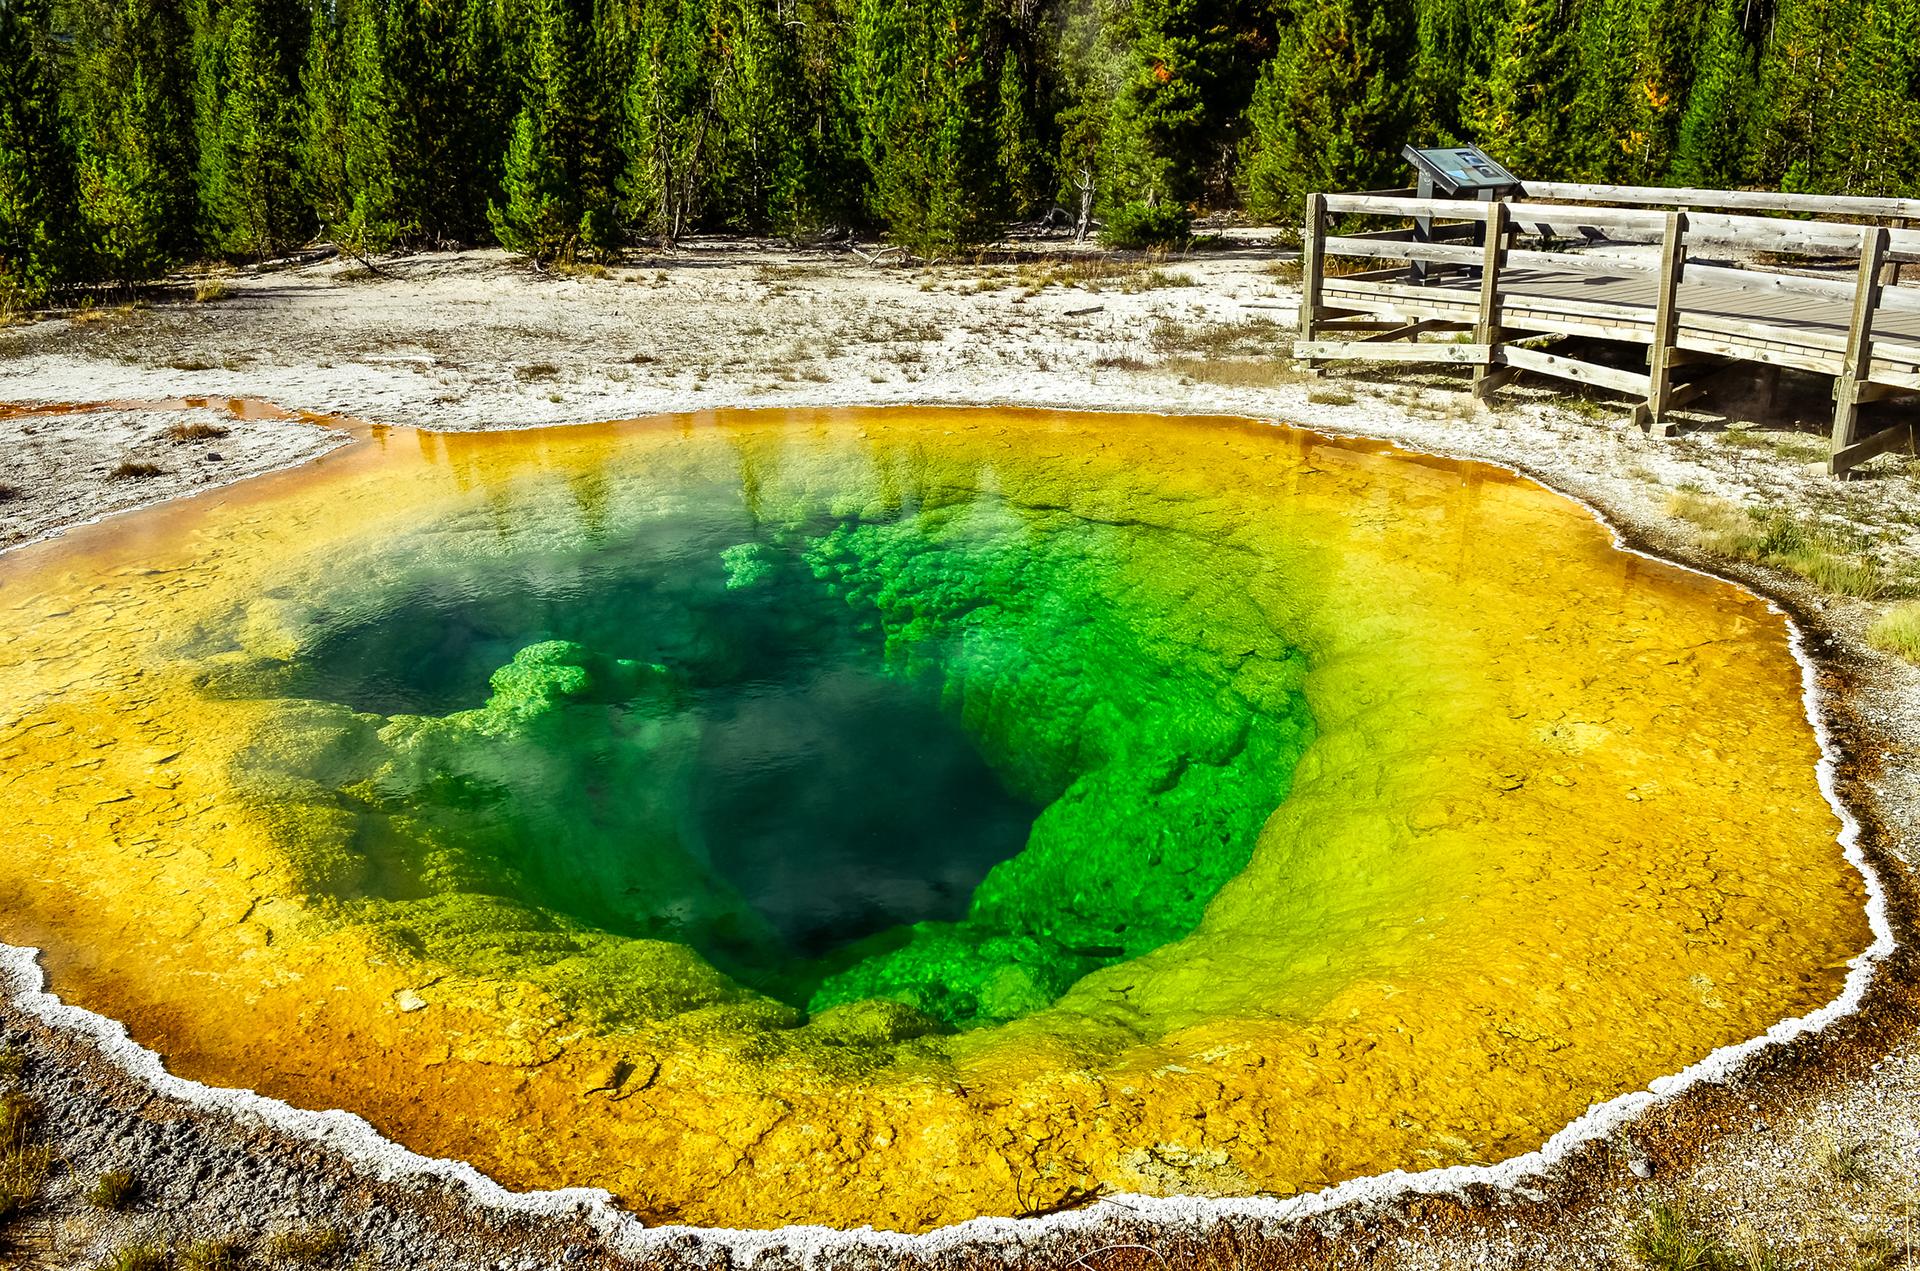 Gran parte de la fama de Yellowstone proviene de su increíble actividad geotérmica. Más de 200 géiseres y 10.000 fuentes caliente llaman a este parque su hogar